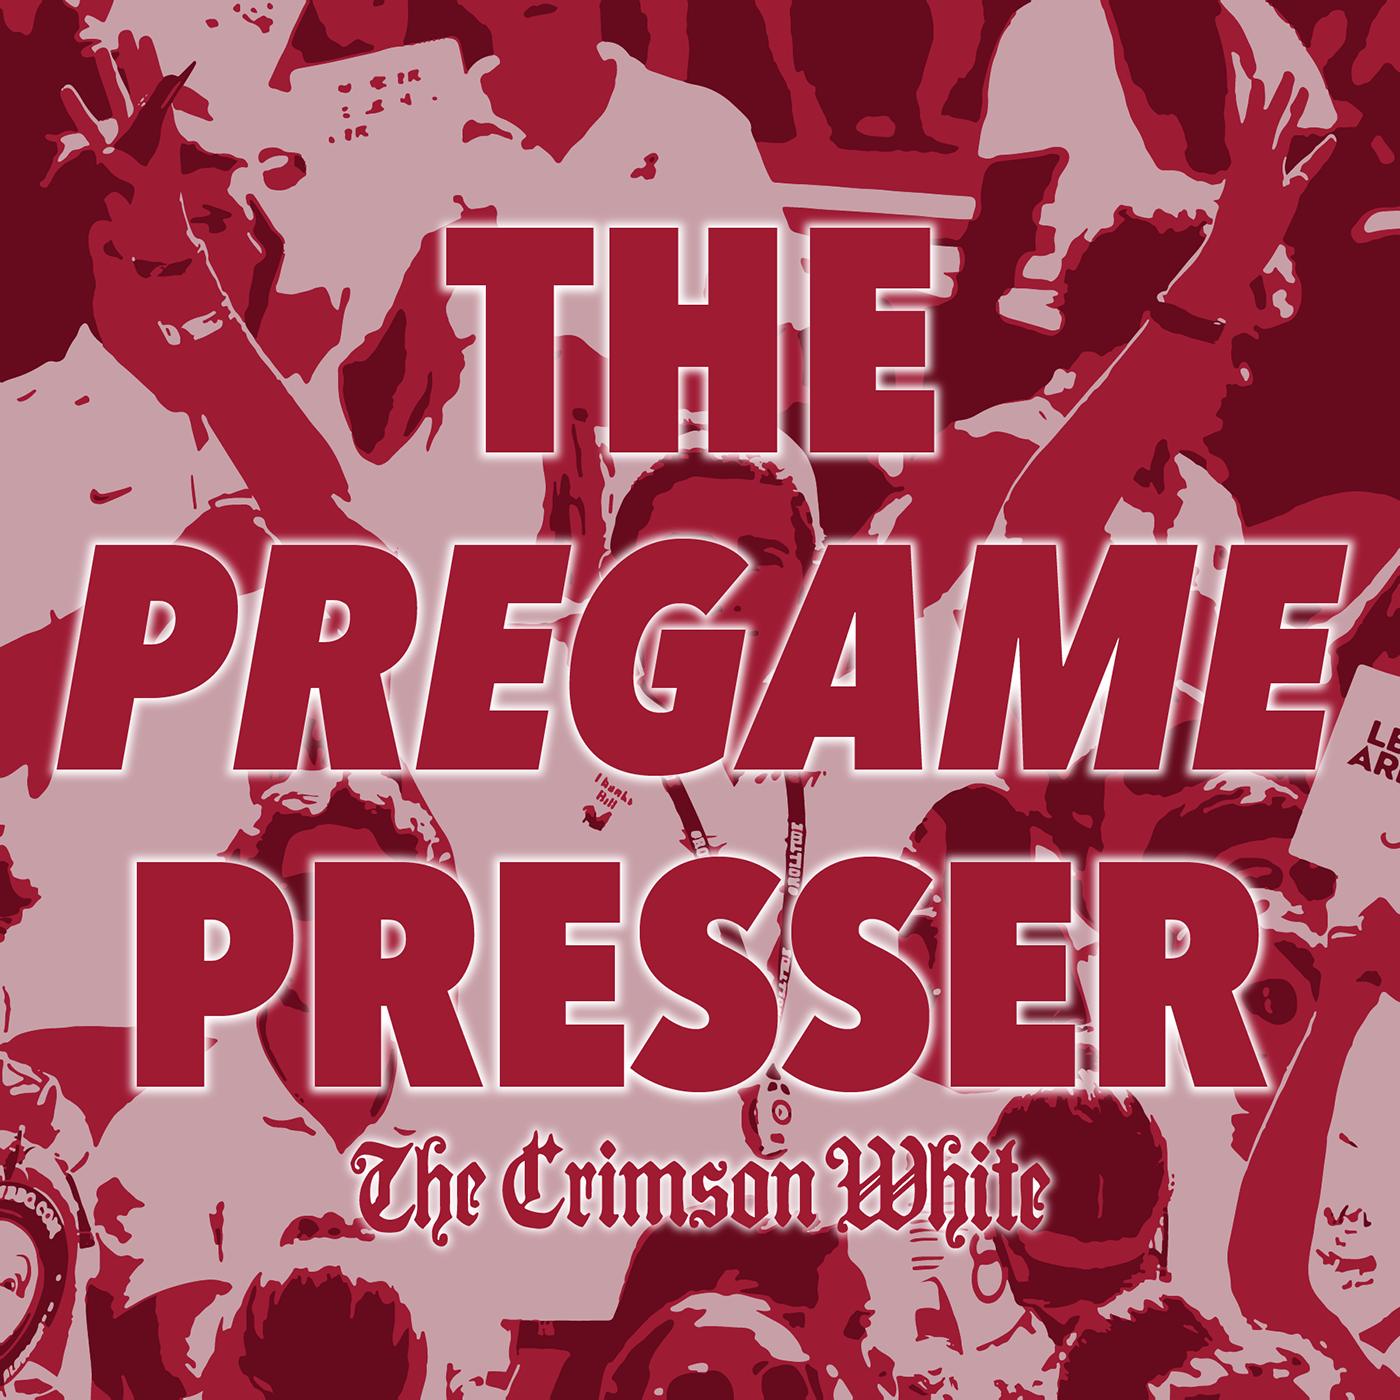 The Pregame Presser, The Crimson White